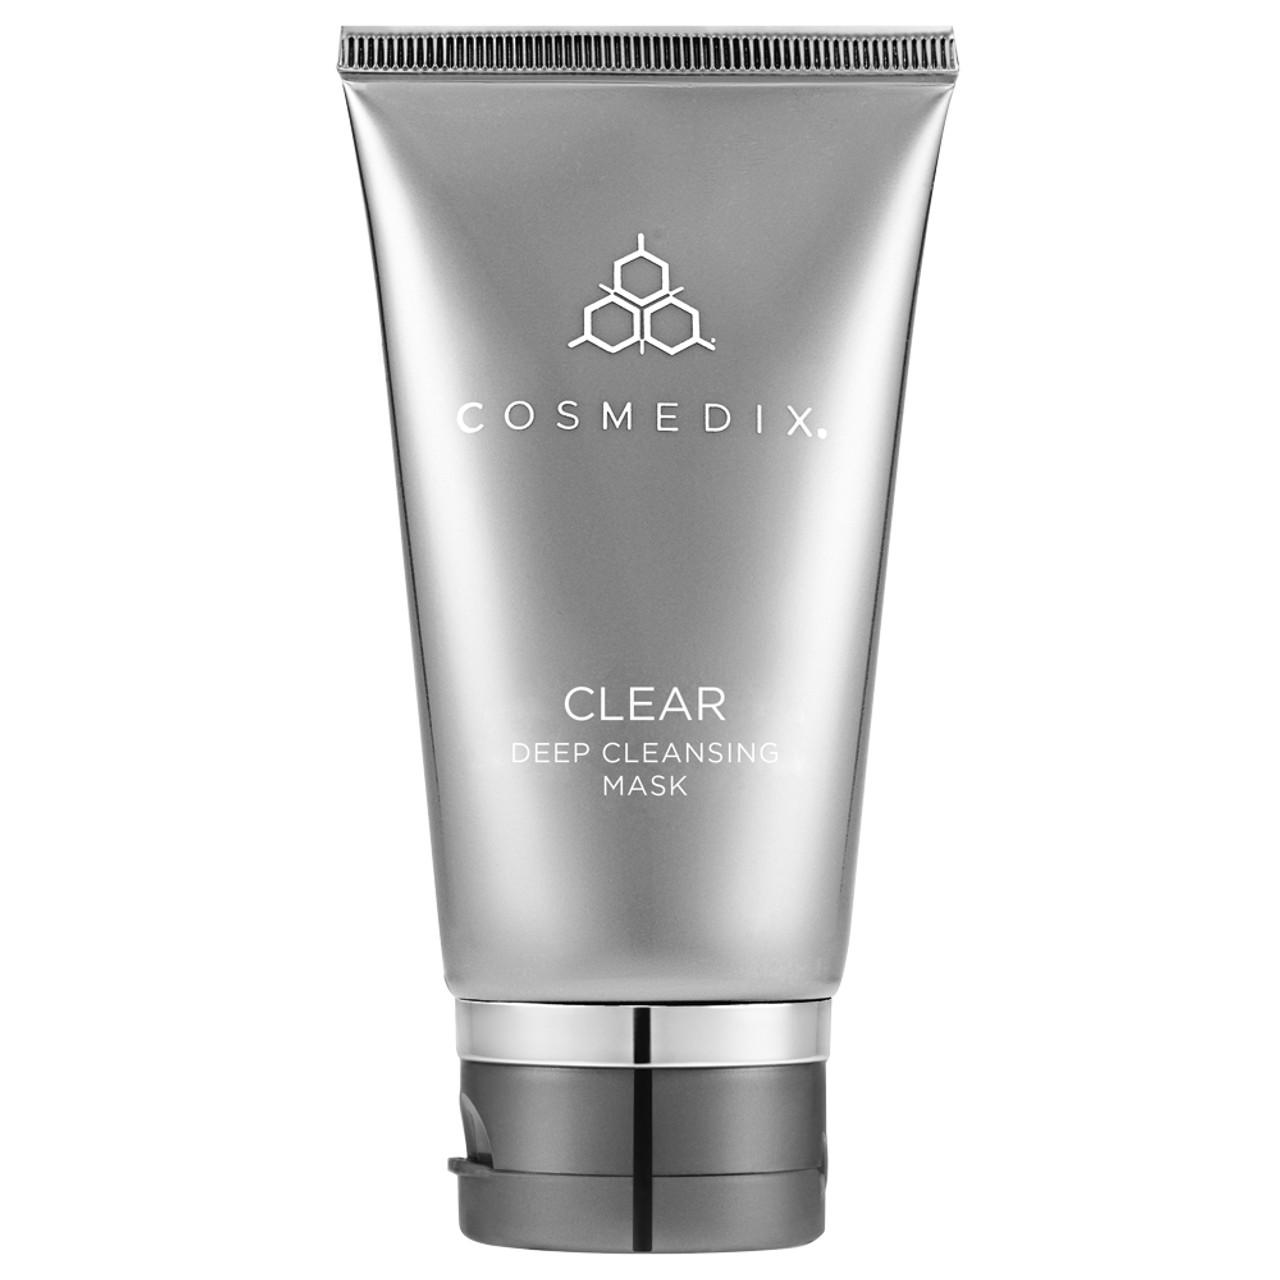 CosMedix Clear Mask BeautifiedYou.com